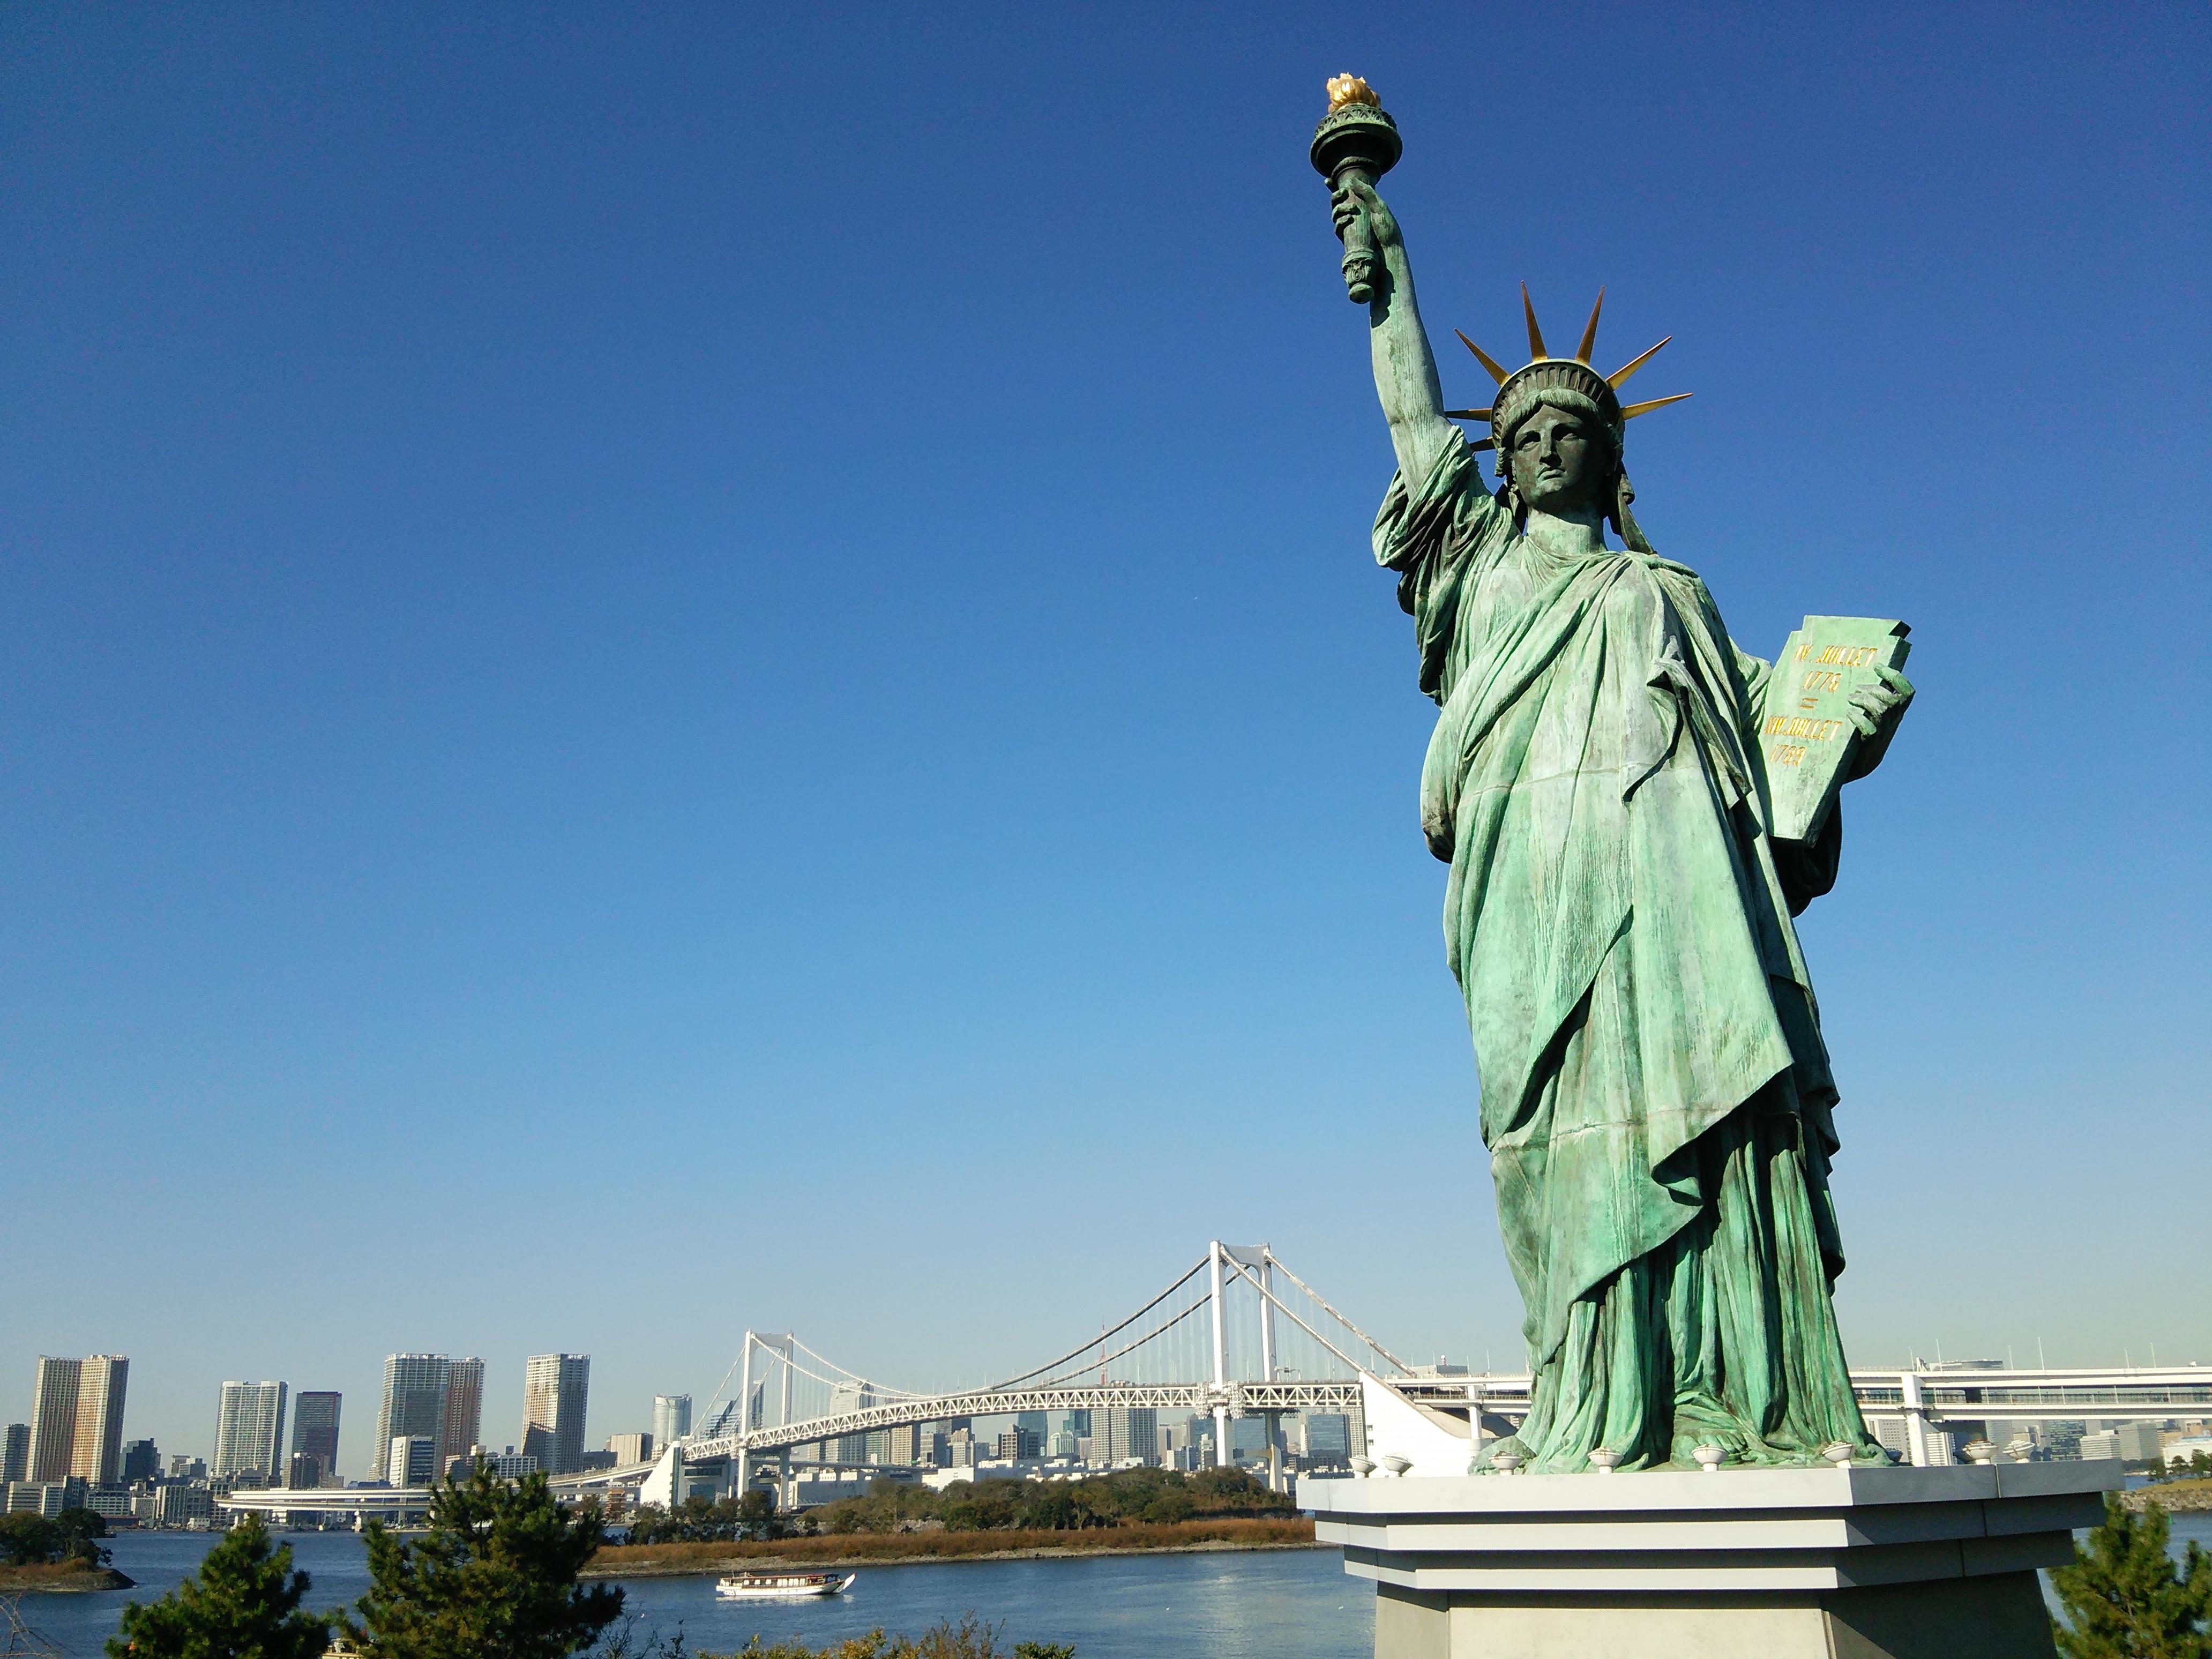 2泊3日の東京旅行!【ディズニー行くのに便利で激安な2つの宿泊施設